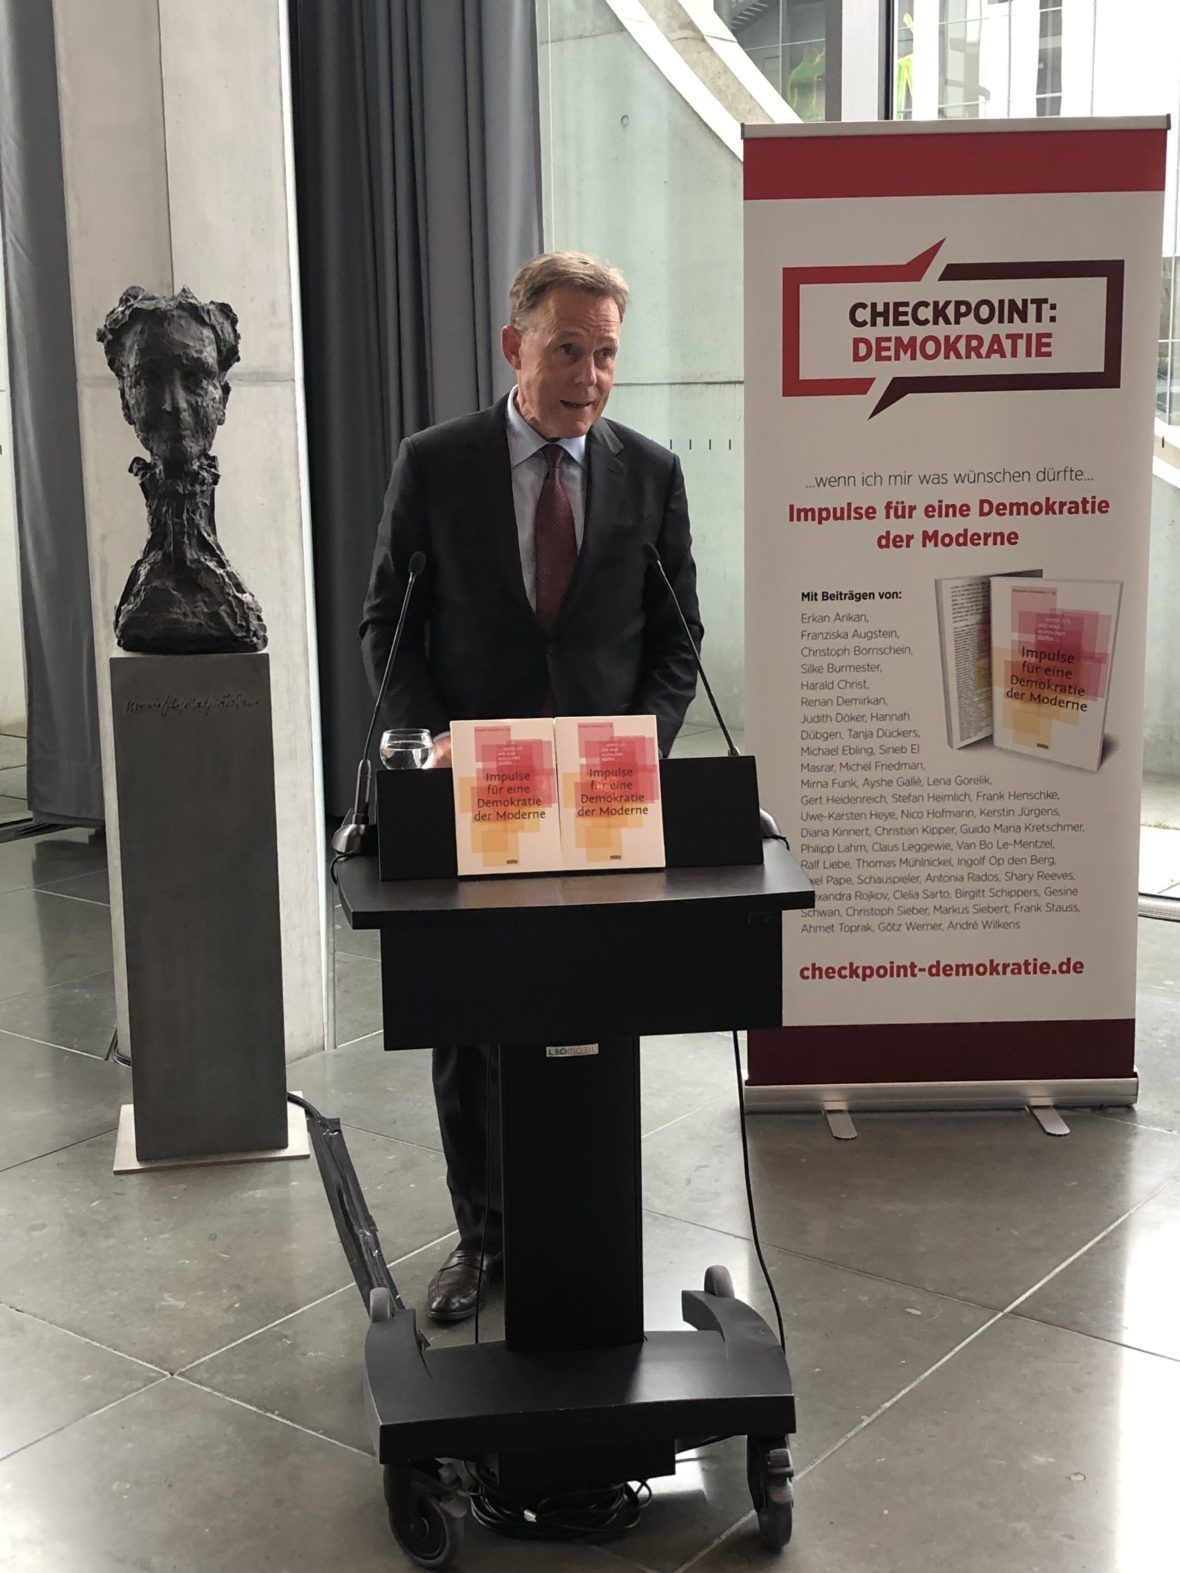 Thomas Oppermann, Vizepräsident des Deutschen Bundestags